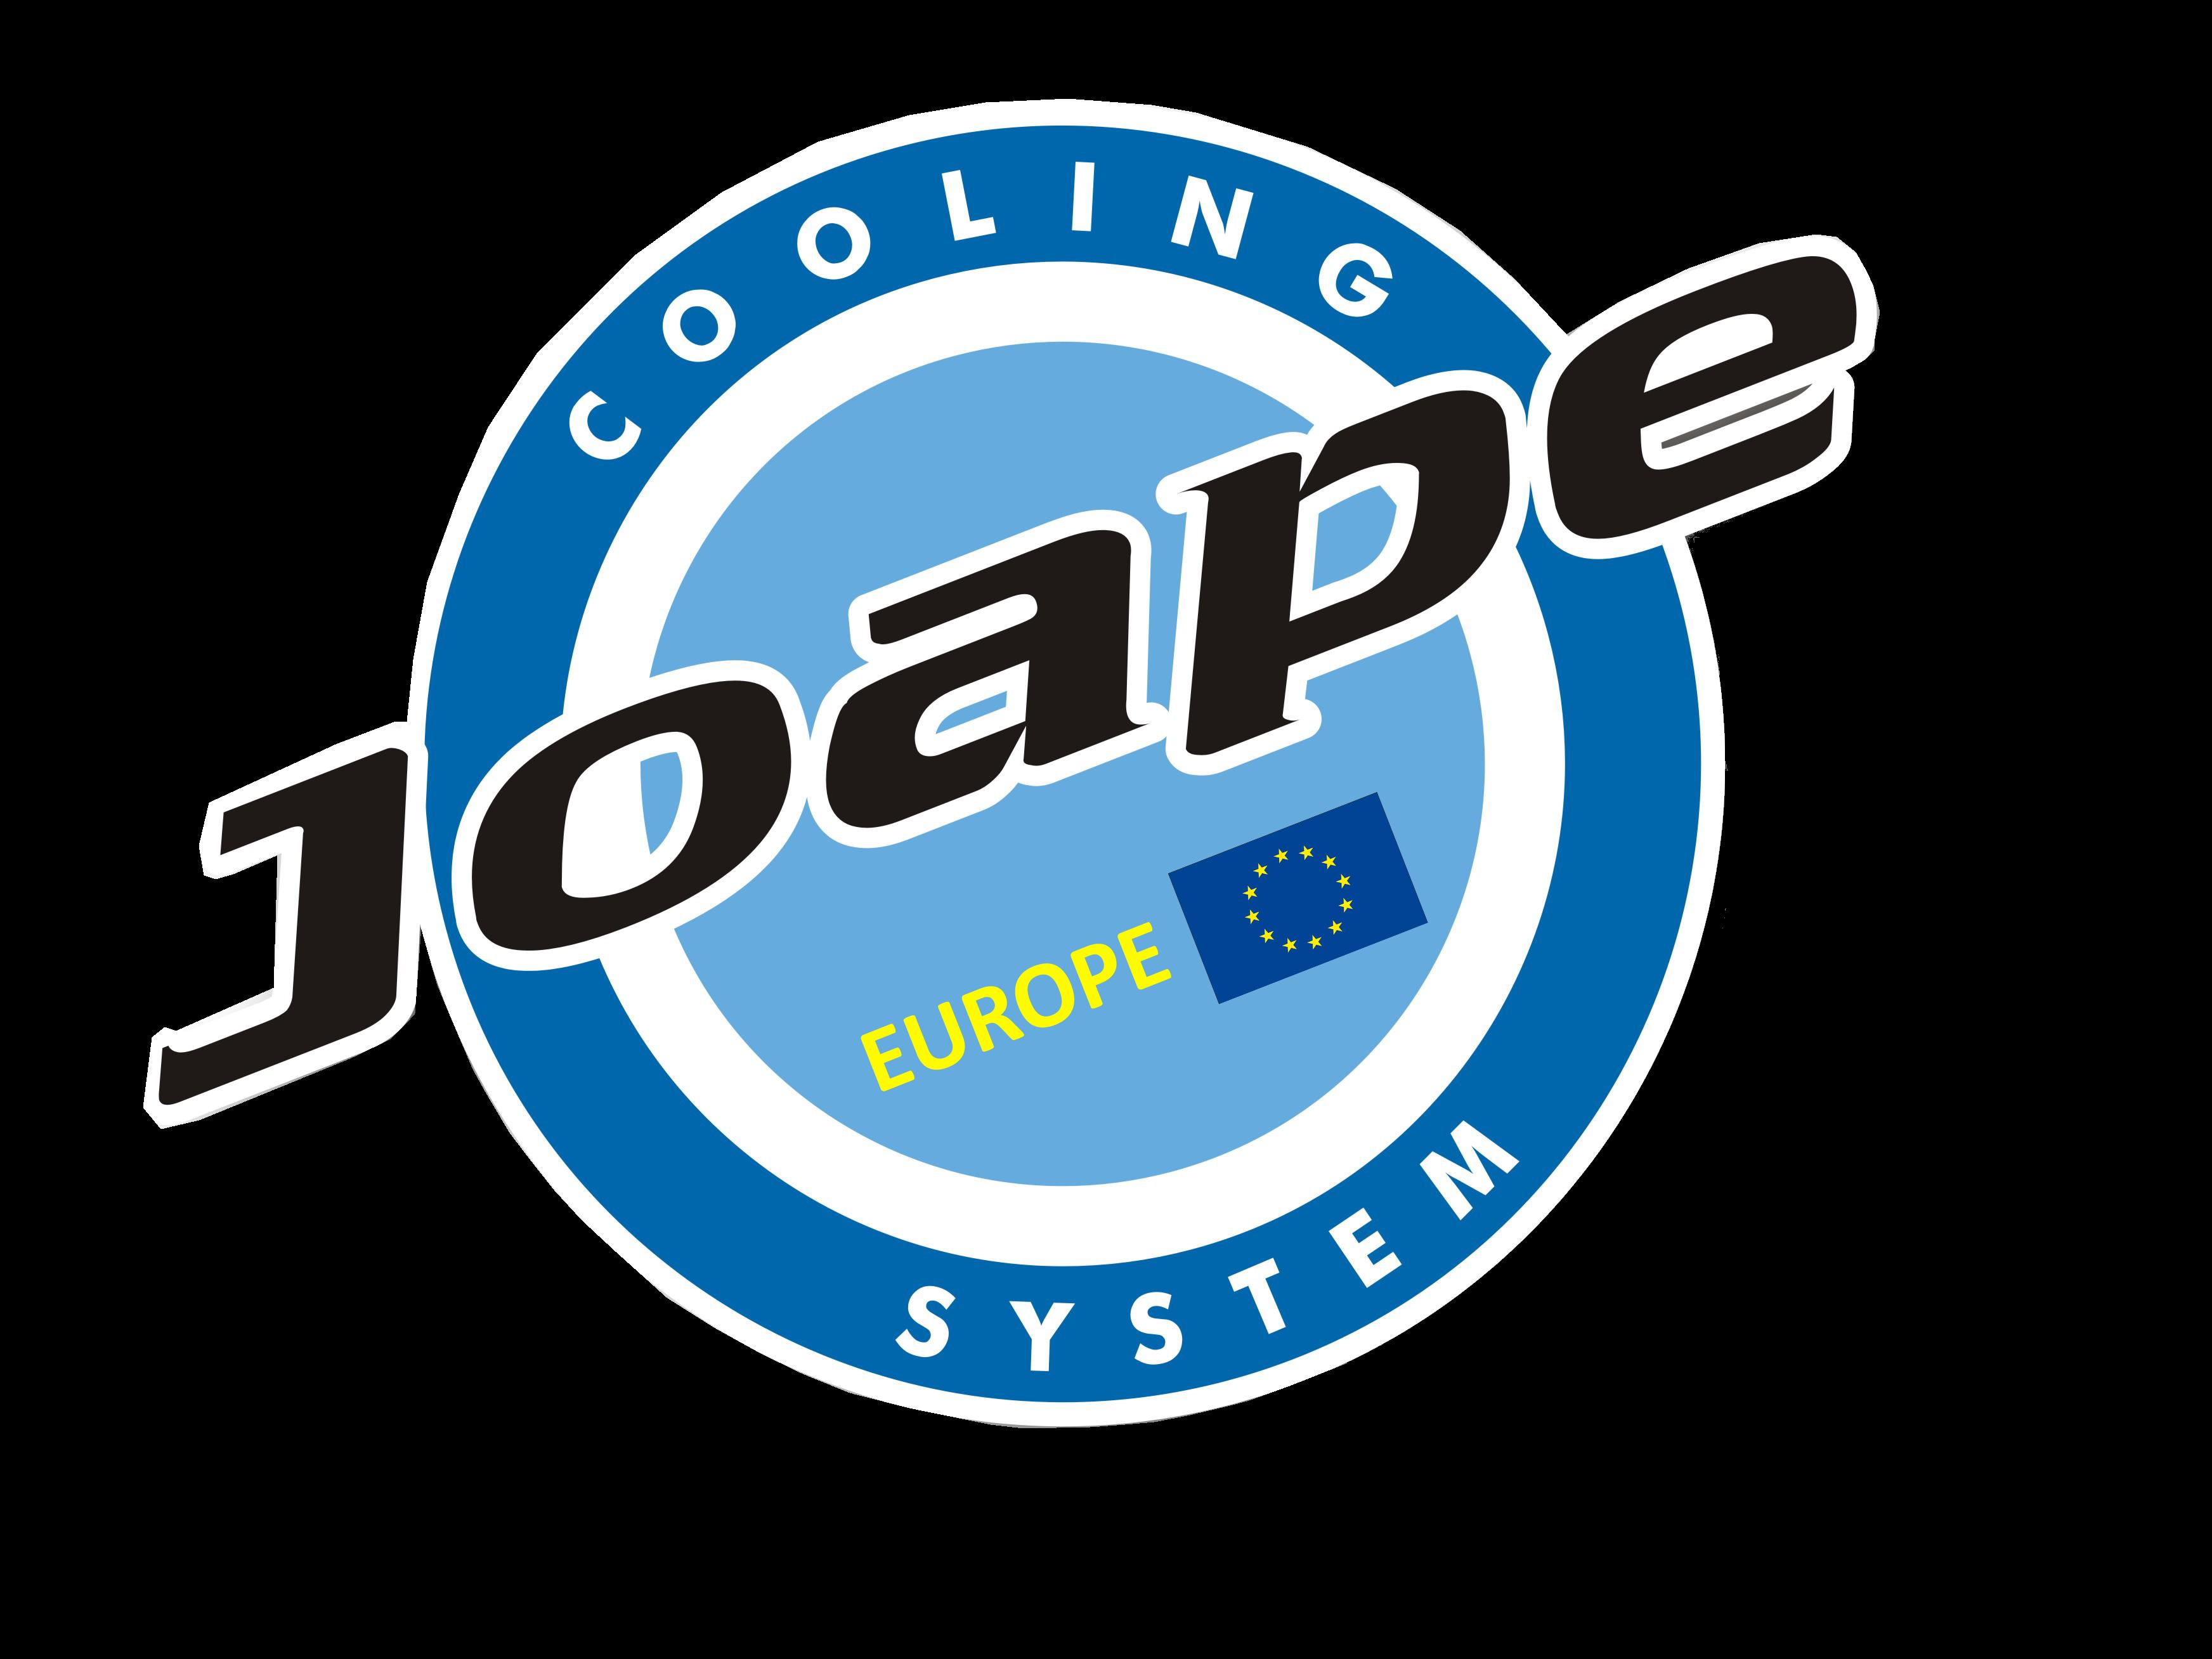 JOAPE-EUROPE